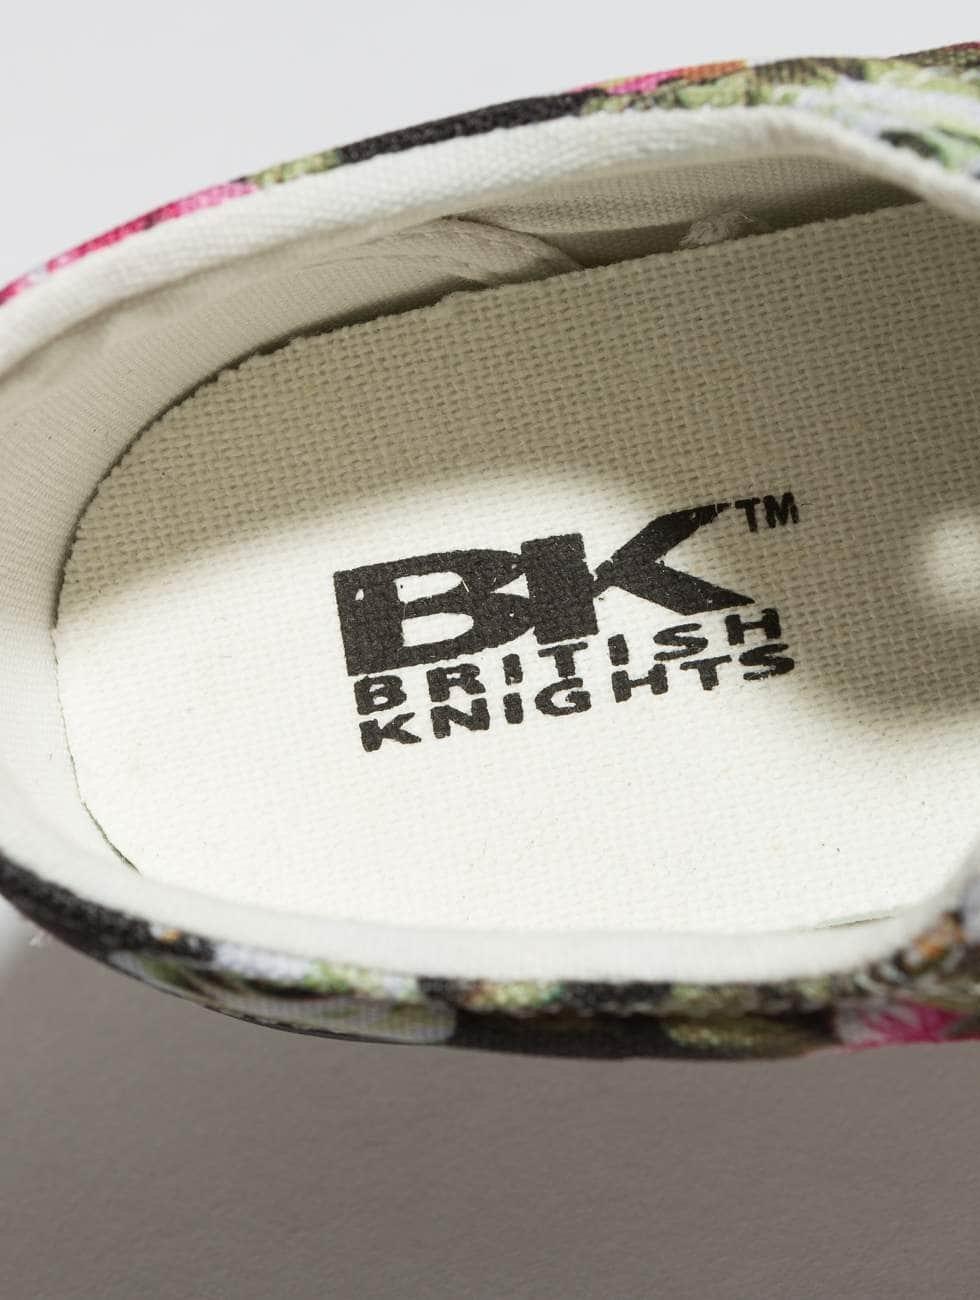 Chaussure De Maître Chevaliers Britanniques / Lo Chaussure Noir 465 631 classique bqf780Fg